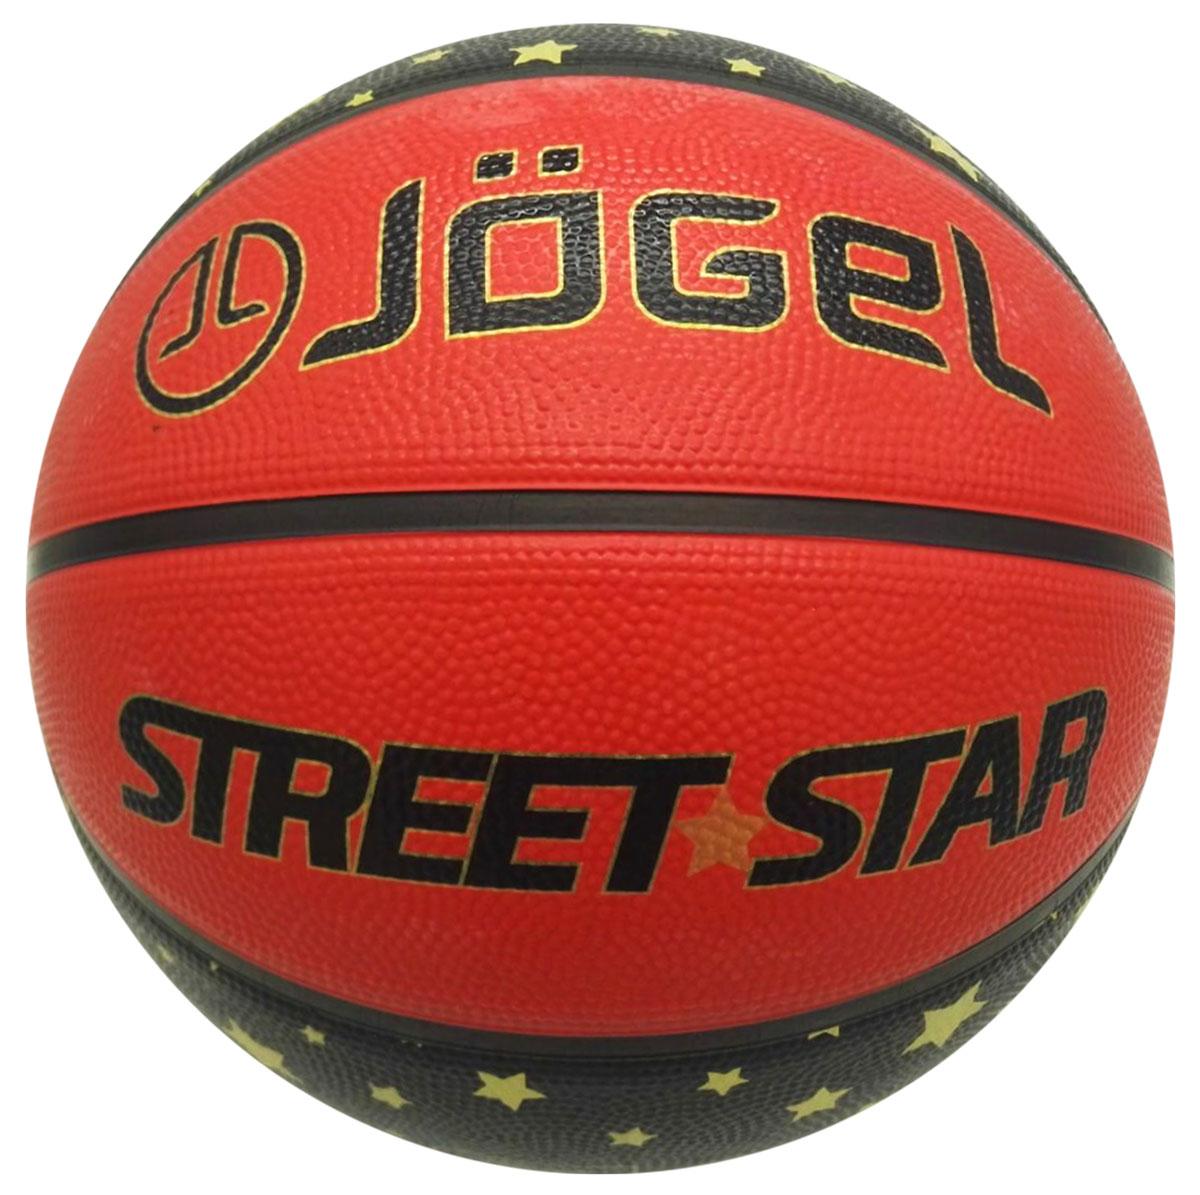 Мяч баскетбольный Jogel Street Star, цвет: оранжевый . Размер 7УТ-00009273Название: Мяч баскетбольный Jgel Street Star №7 Уровень: Тренировочный мяч Категория: INDOOR/OUTDOOR Описание: Jogel Street Star №7 это резиновый баскетбольный мяч, с уникальным ламинированным цветным дизайном для уличного баскетбола (стритбол). Поверхность мяча выполнена из износостойкой резины, благодаря чему данным мячом можно играть практически на любой поверхности, как на улице, так и в зале. Благодаря технологии DeepChannel (глубокие каналы), используемой при производстве мячей Jogel, достигается лучший контроля мяча во время броска и дриблинга. Размер №7 предназначается для мужчин и юношей от 17 лет, официальный размер для соревнований мужских команд. Данный мяч рекомендован для любительской игры, тренировок любительских команд и команд среднего уровня. Официальный размер и вес FIBA. Рекомендованные покрытия: Паркет, резина, бетон, асфальт Материал поверхности: Износостойкая резина Материал камеры: Бутил Тип соединения панелей: Цельный Количество панелей: 8 Размер: 7...